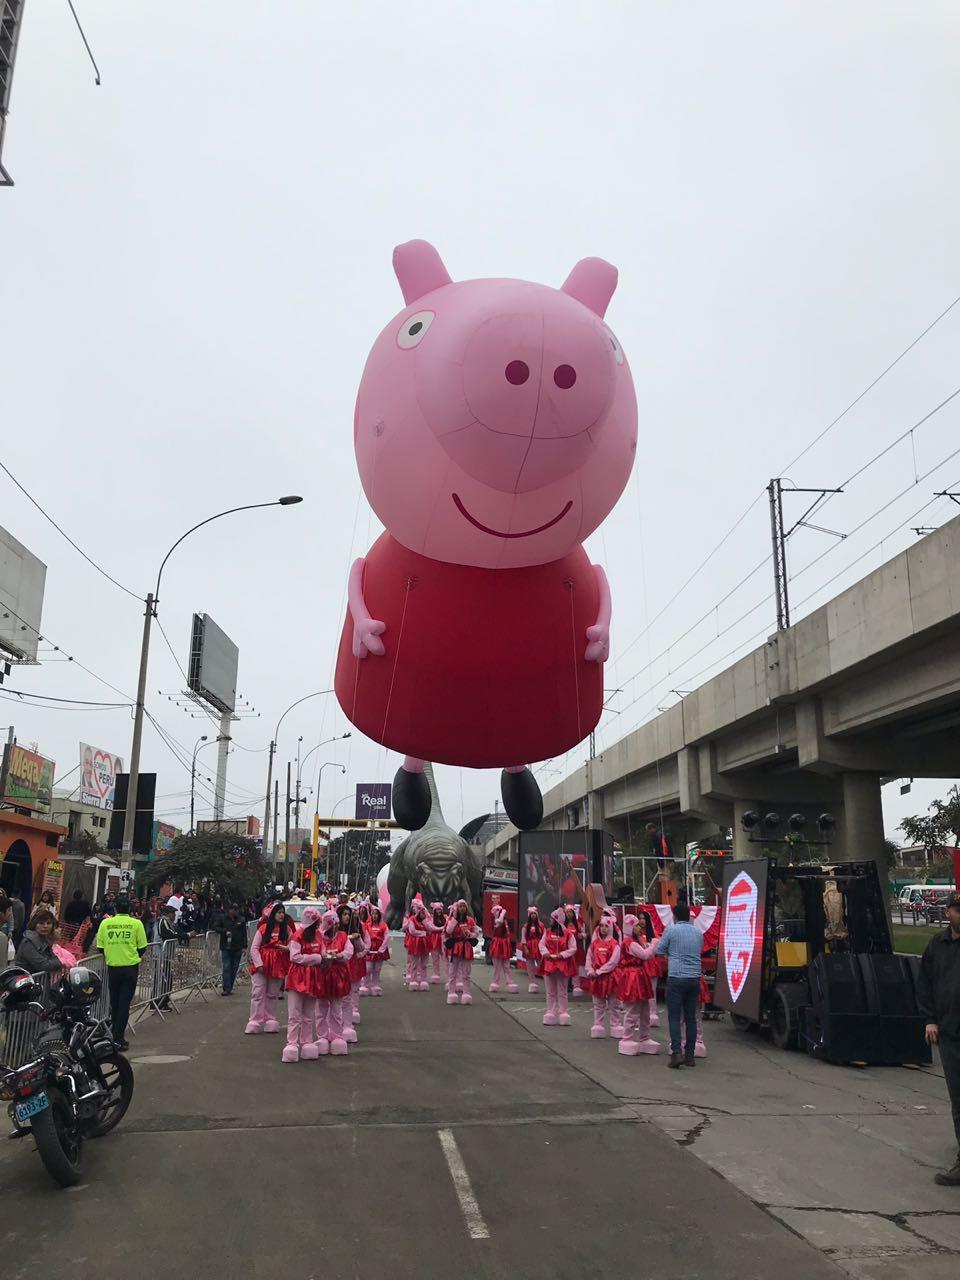 Peppa Pig Parade Balloon